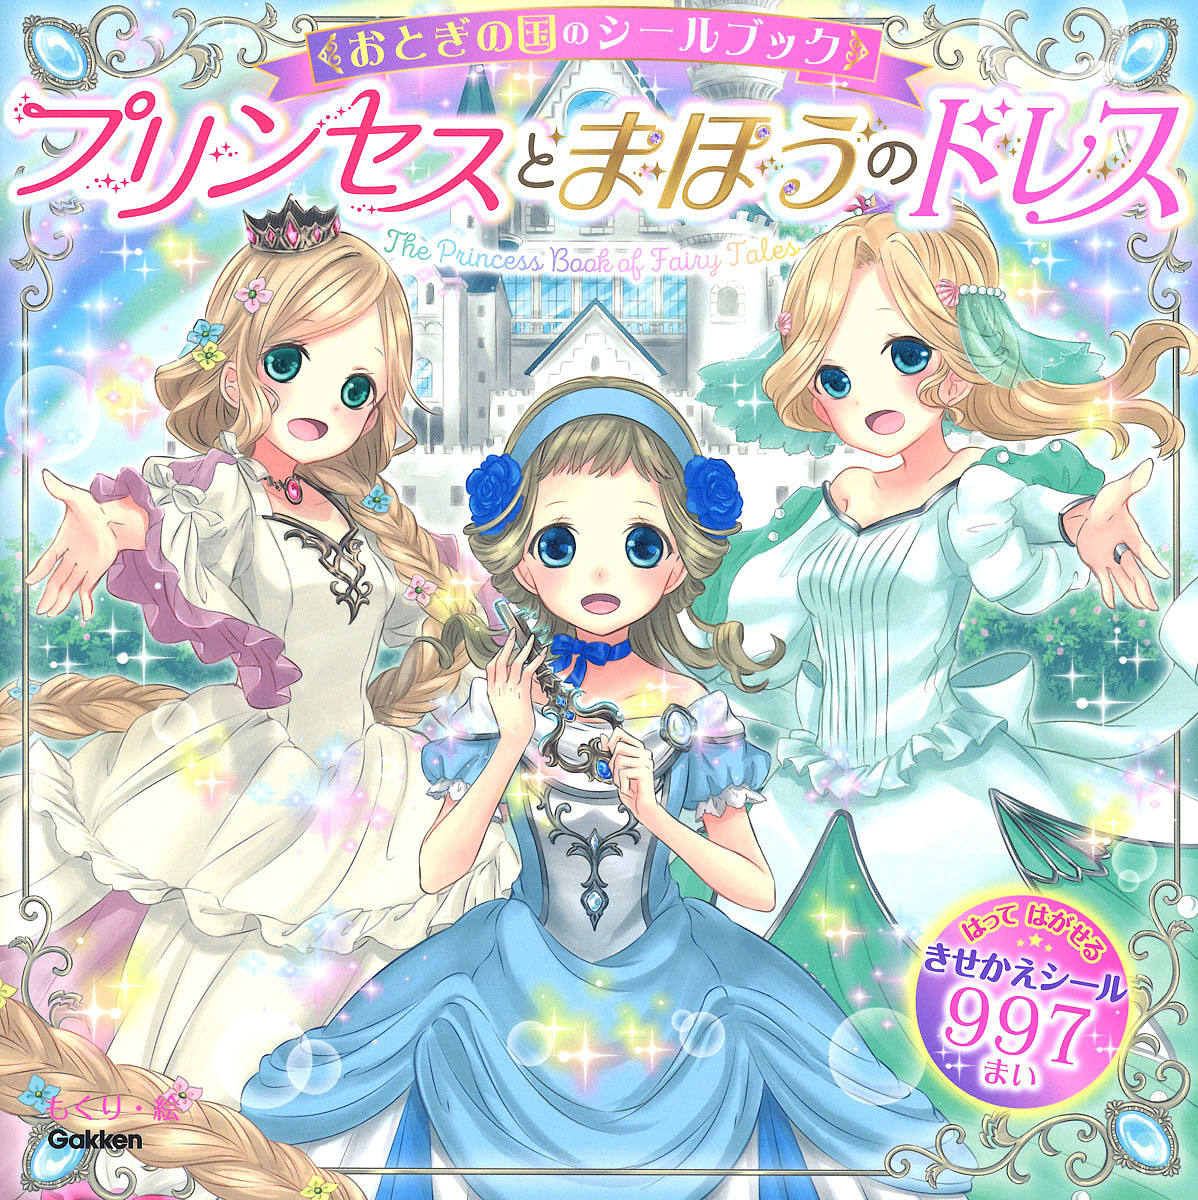 プリンセスとまほうのドレス おとぎの国のシールブック 送料無料新品 子供 1000円以上送料無料 おしゃれ 絵本